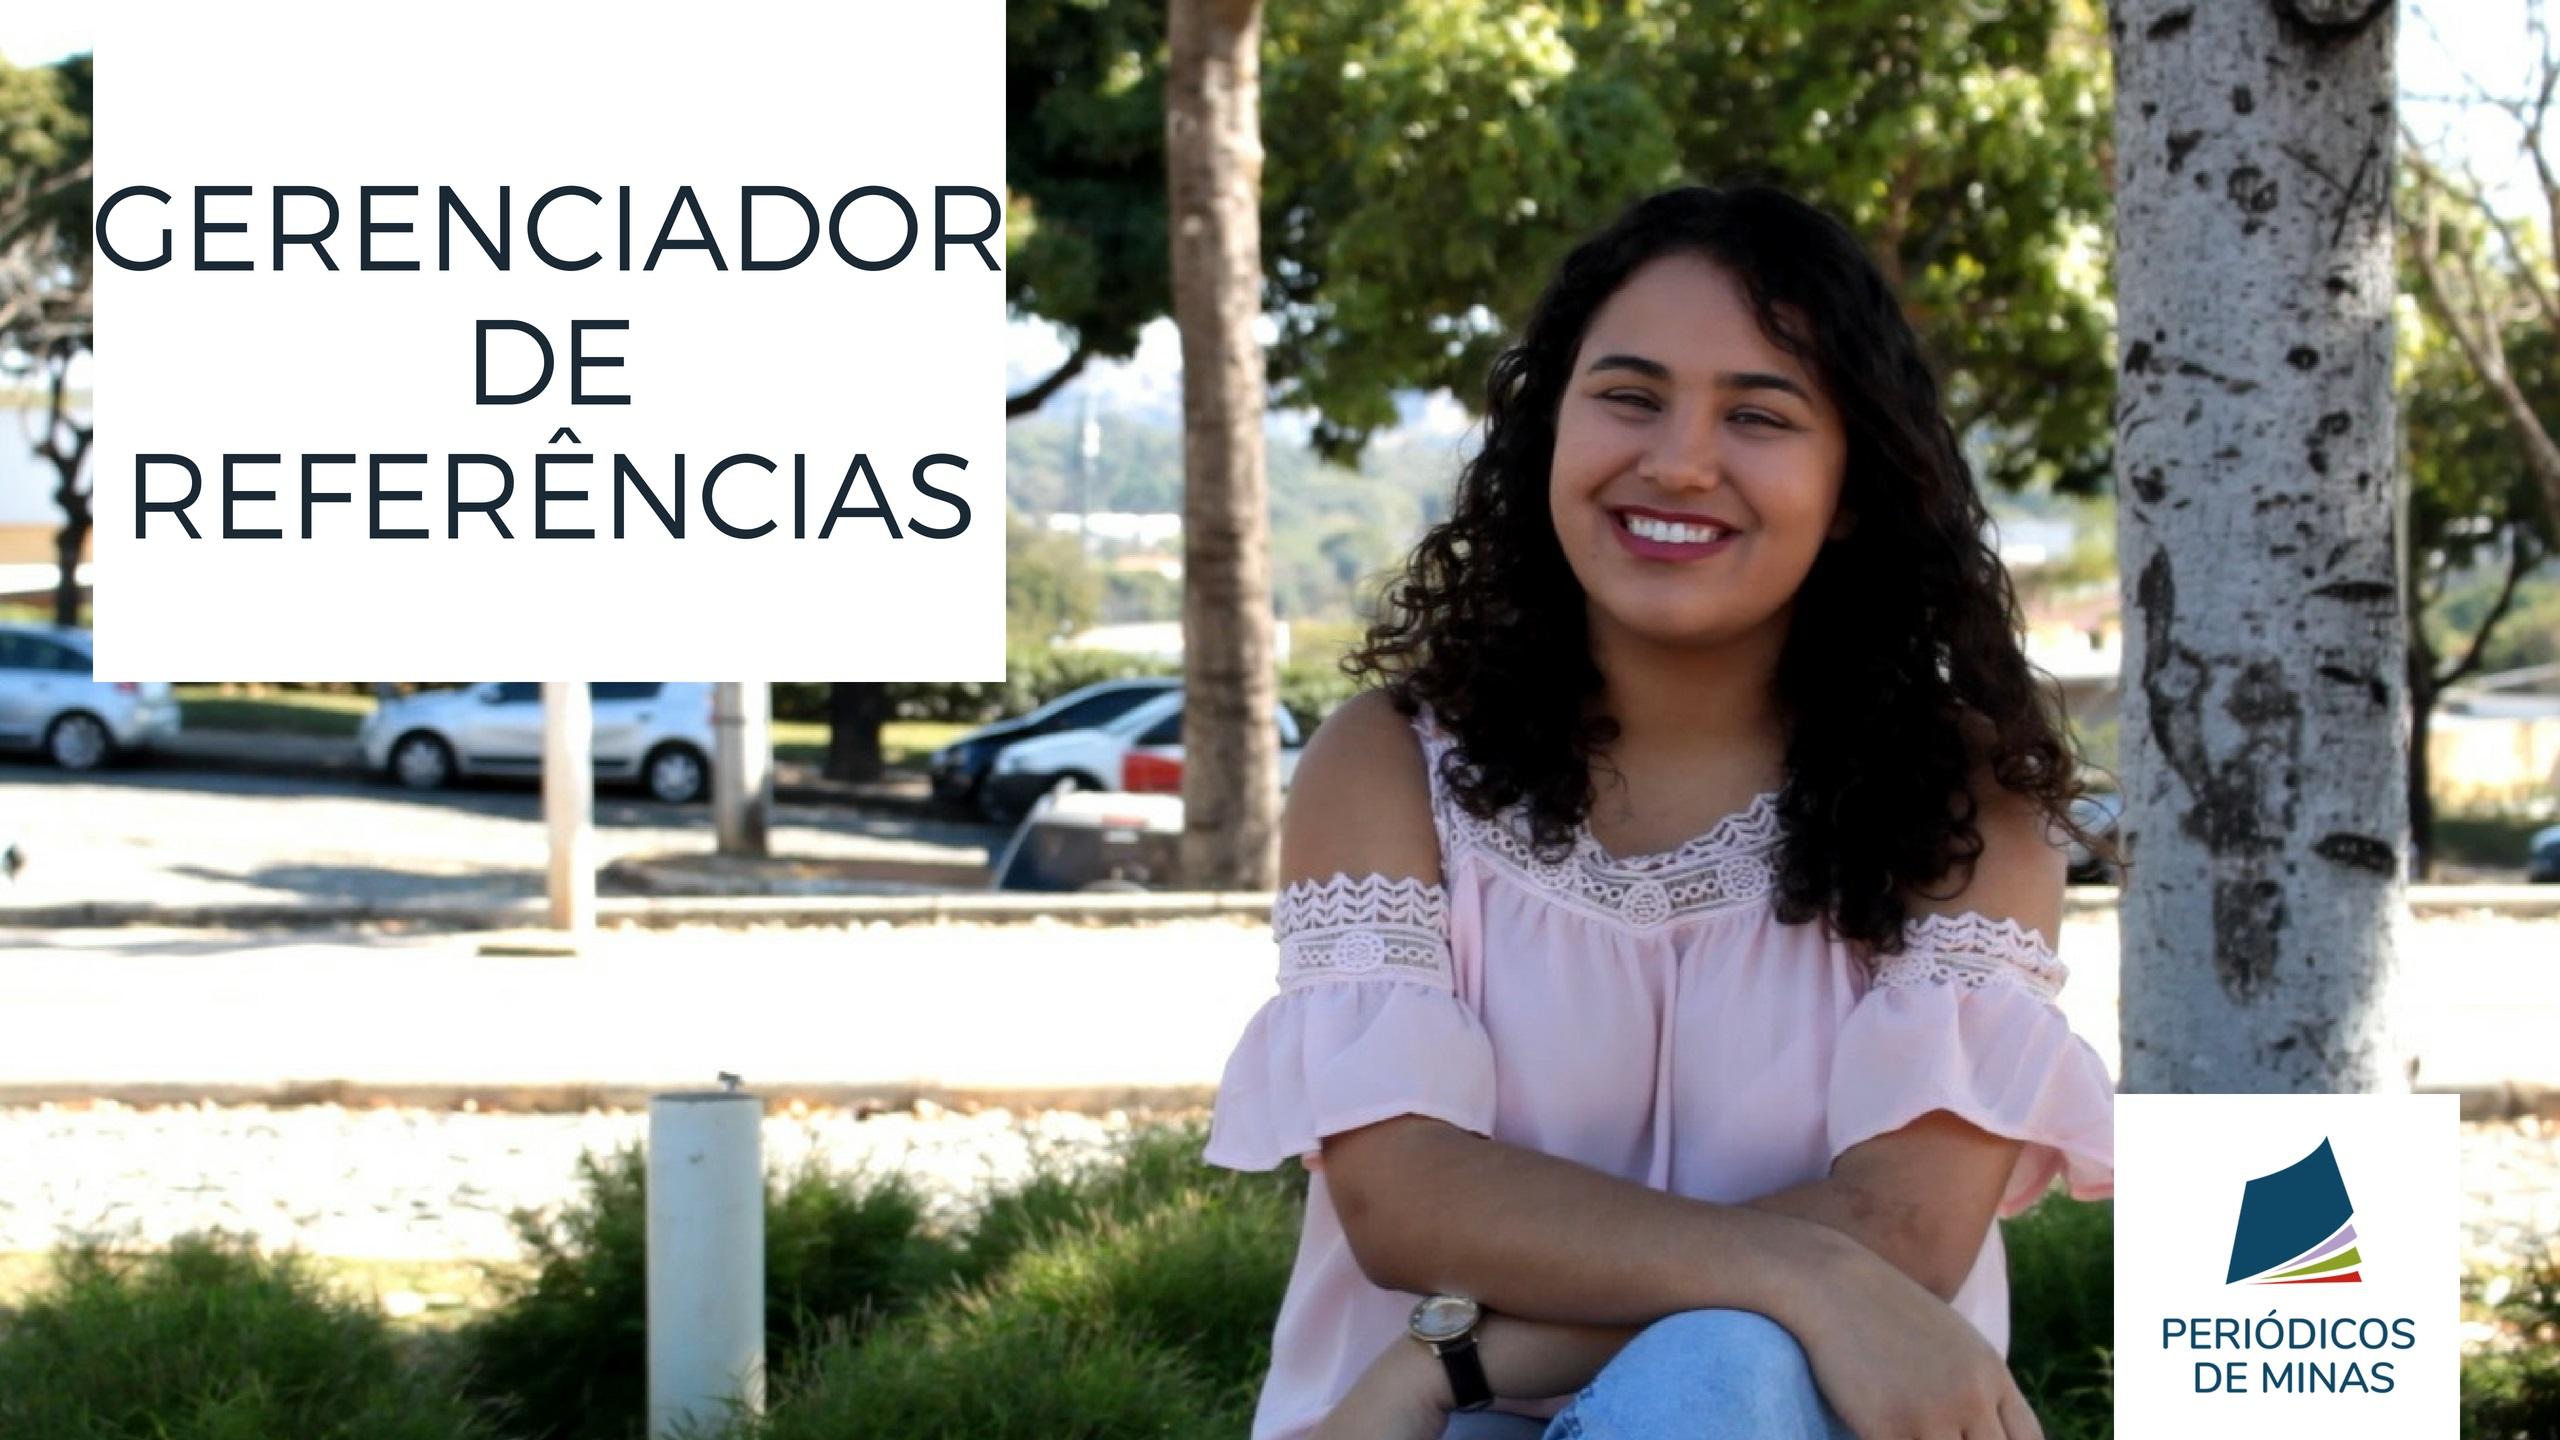 [Vídeo]Entenda Em Segundos: Gerenciador De Referências